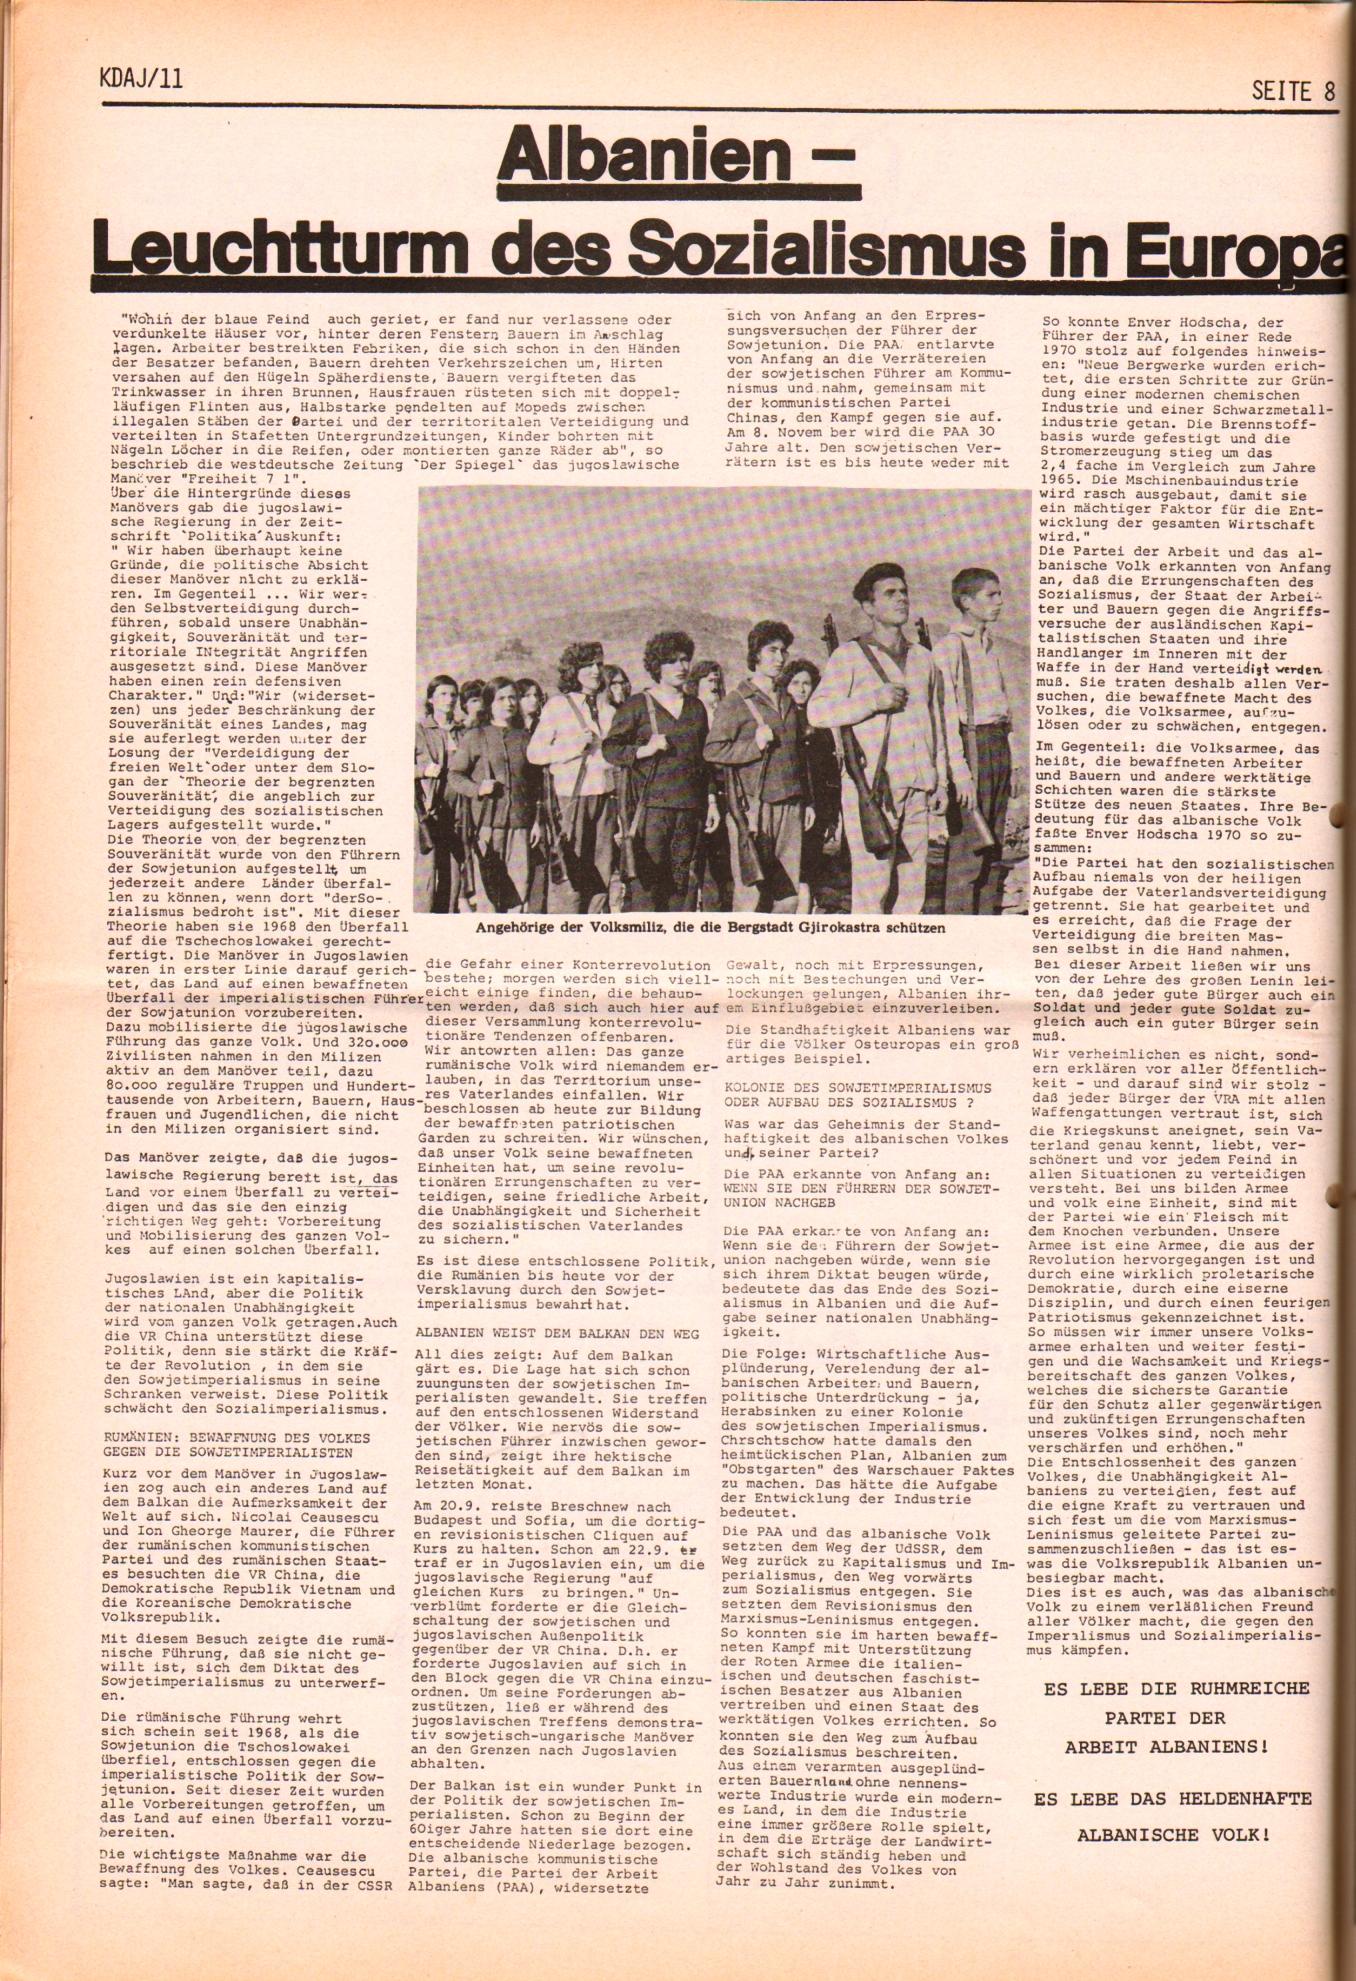 KDAJ, 2. Jg., November 1971, Nr. 11, Seite 8